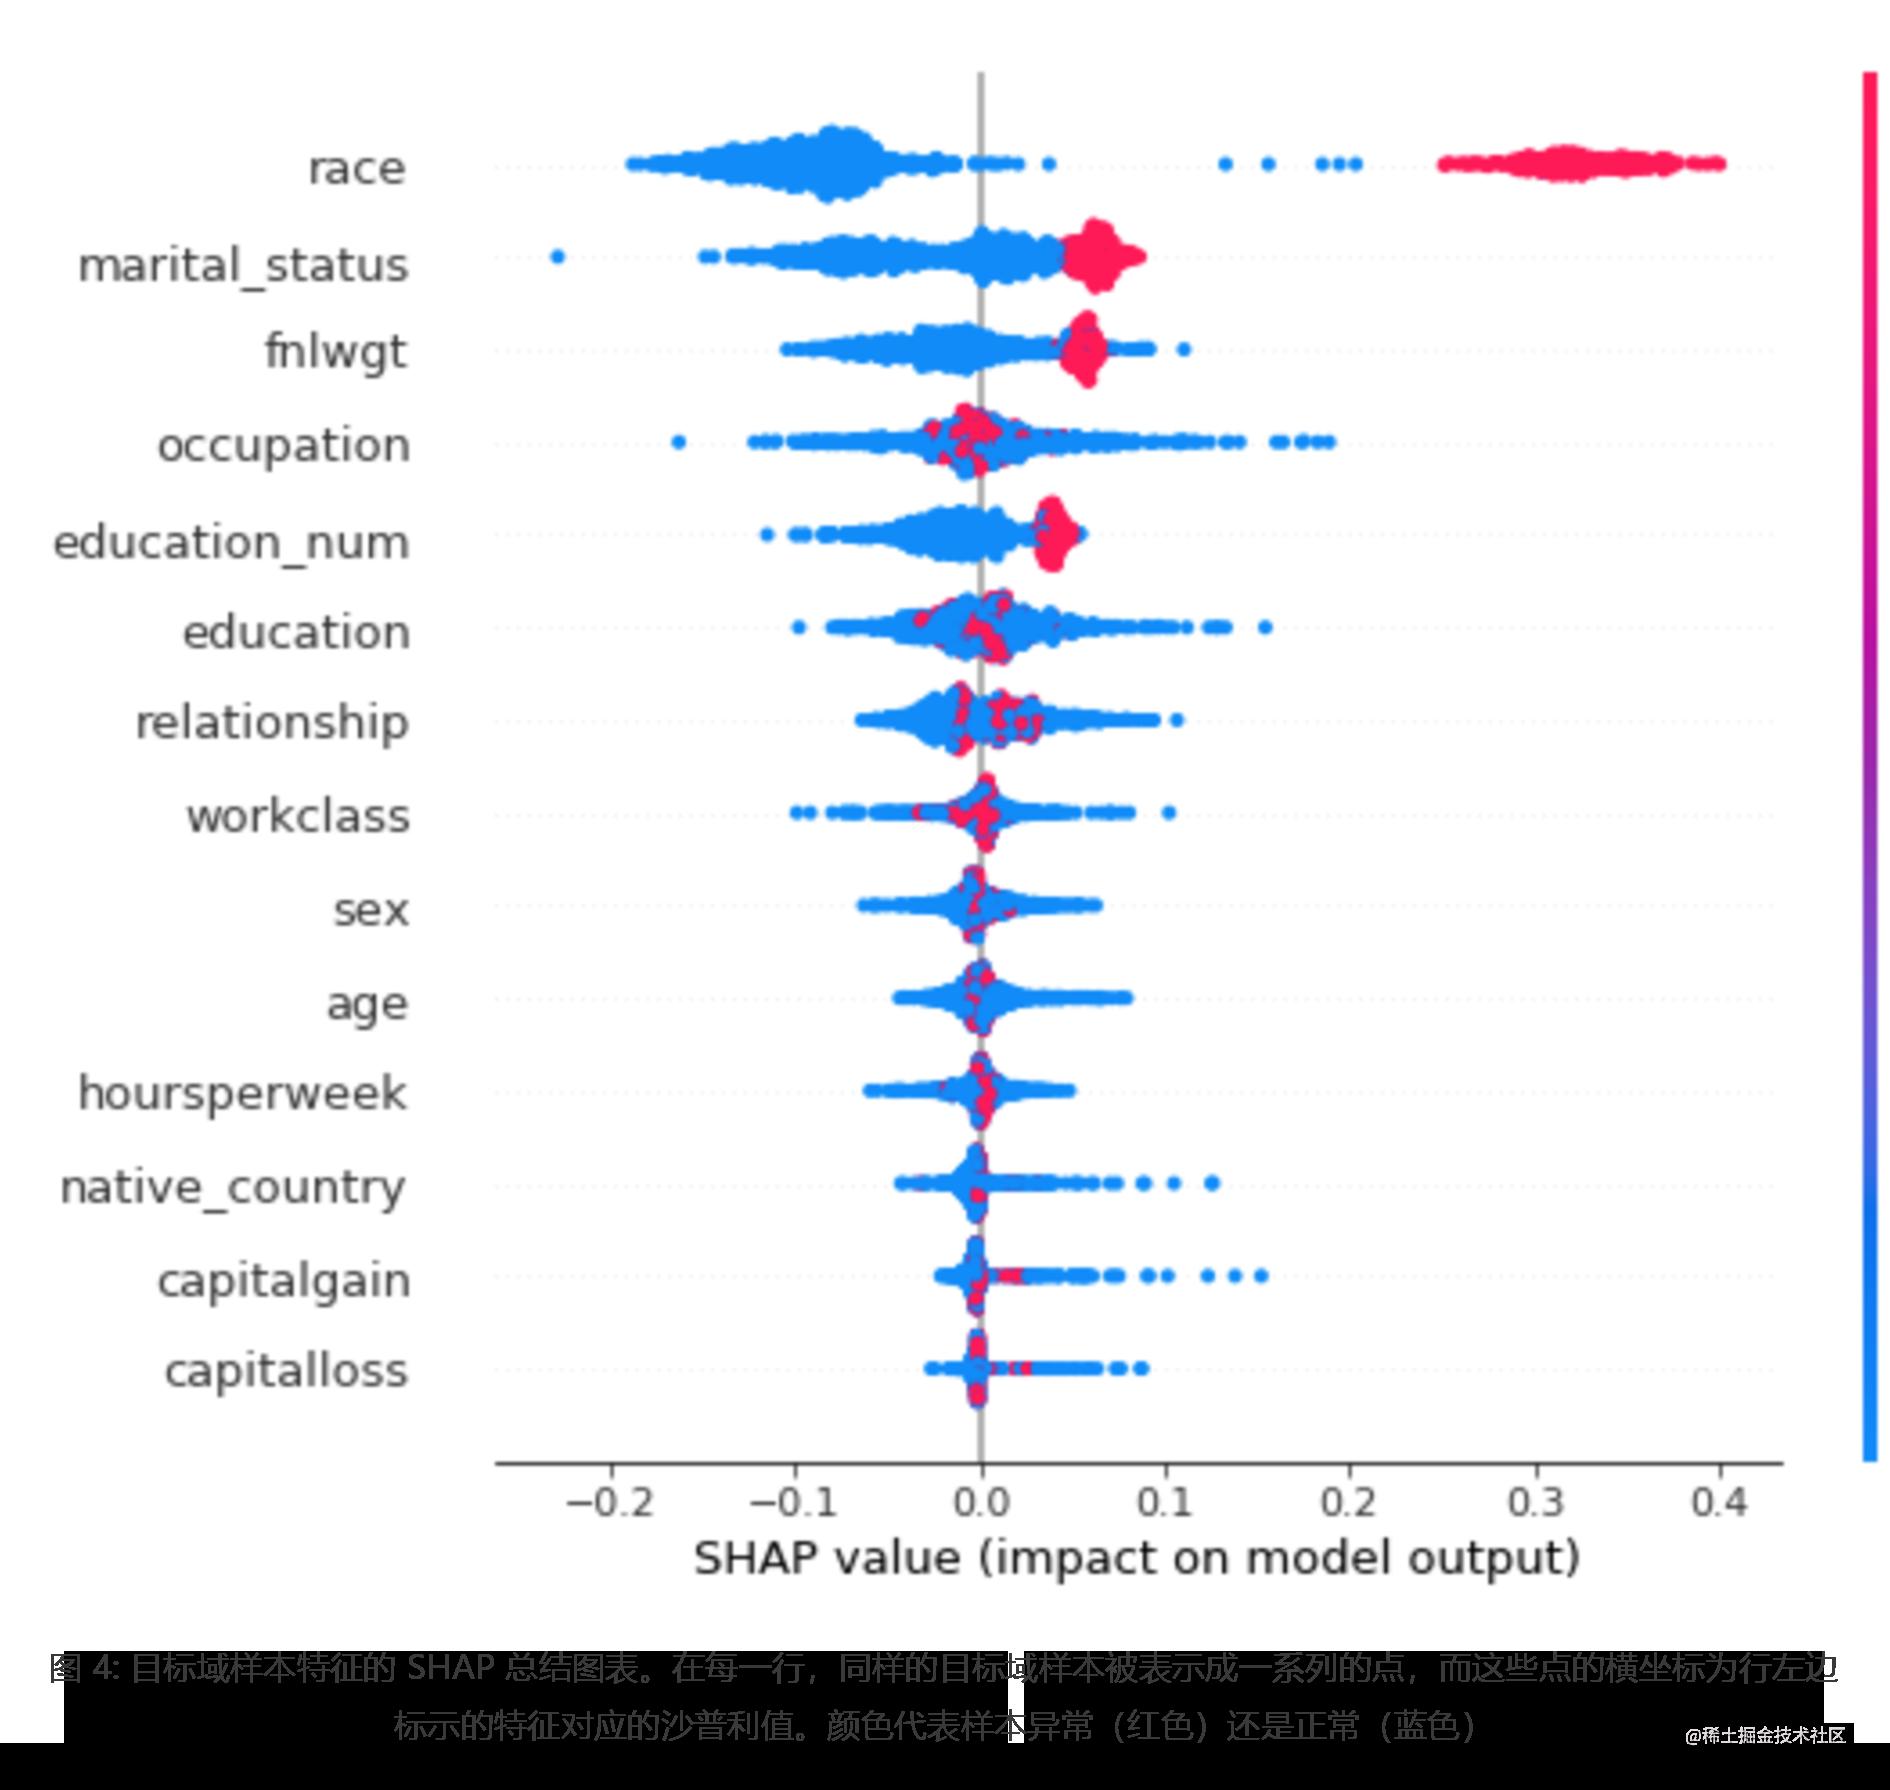 图 4: 目标域样本特征的 SHAP 总结图表。在每一行,同样的目标域样本被表示成一系列的点,而这些点的横坐标为行左边标示的特征对应的沙普利值。颜色代表样本异常(红色)还是正常(蓝色)